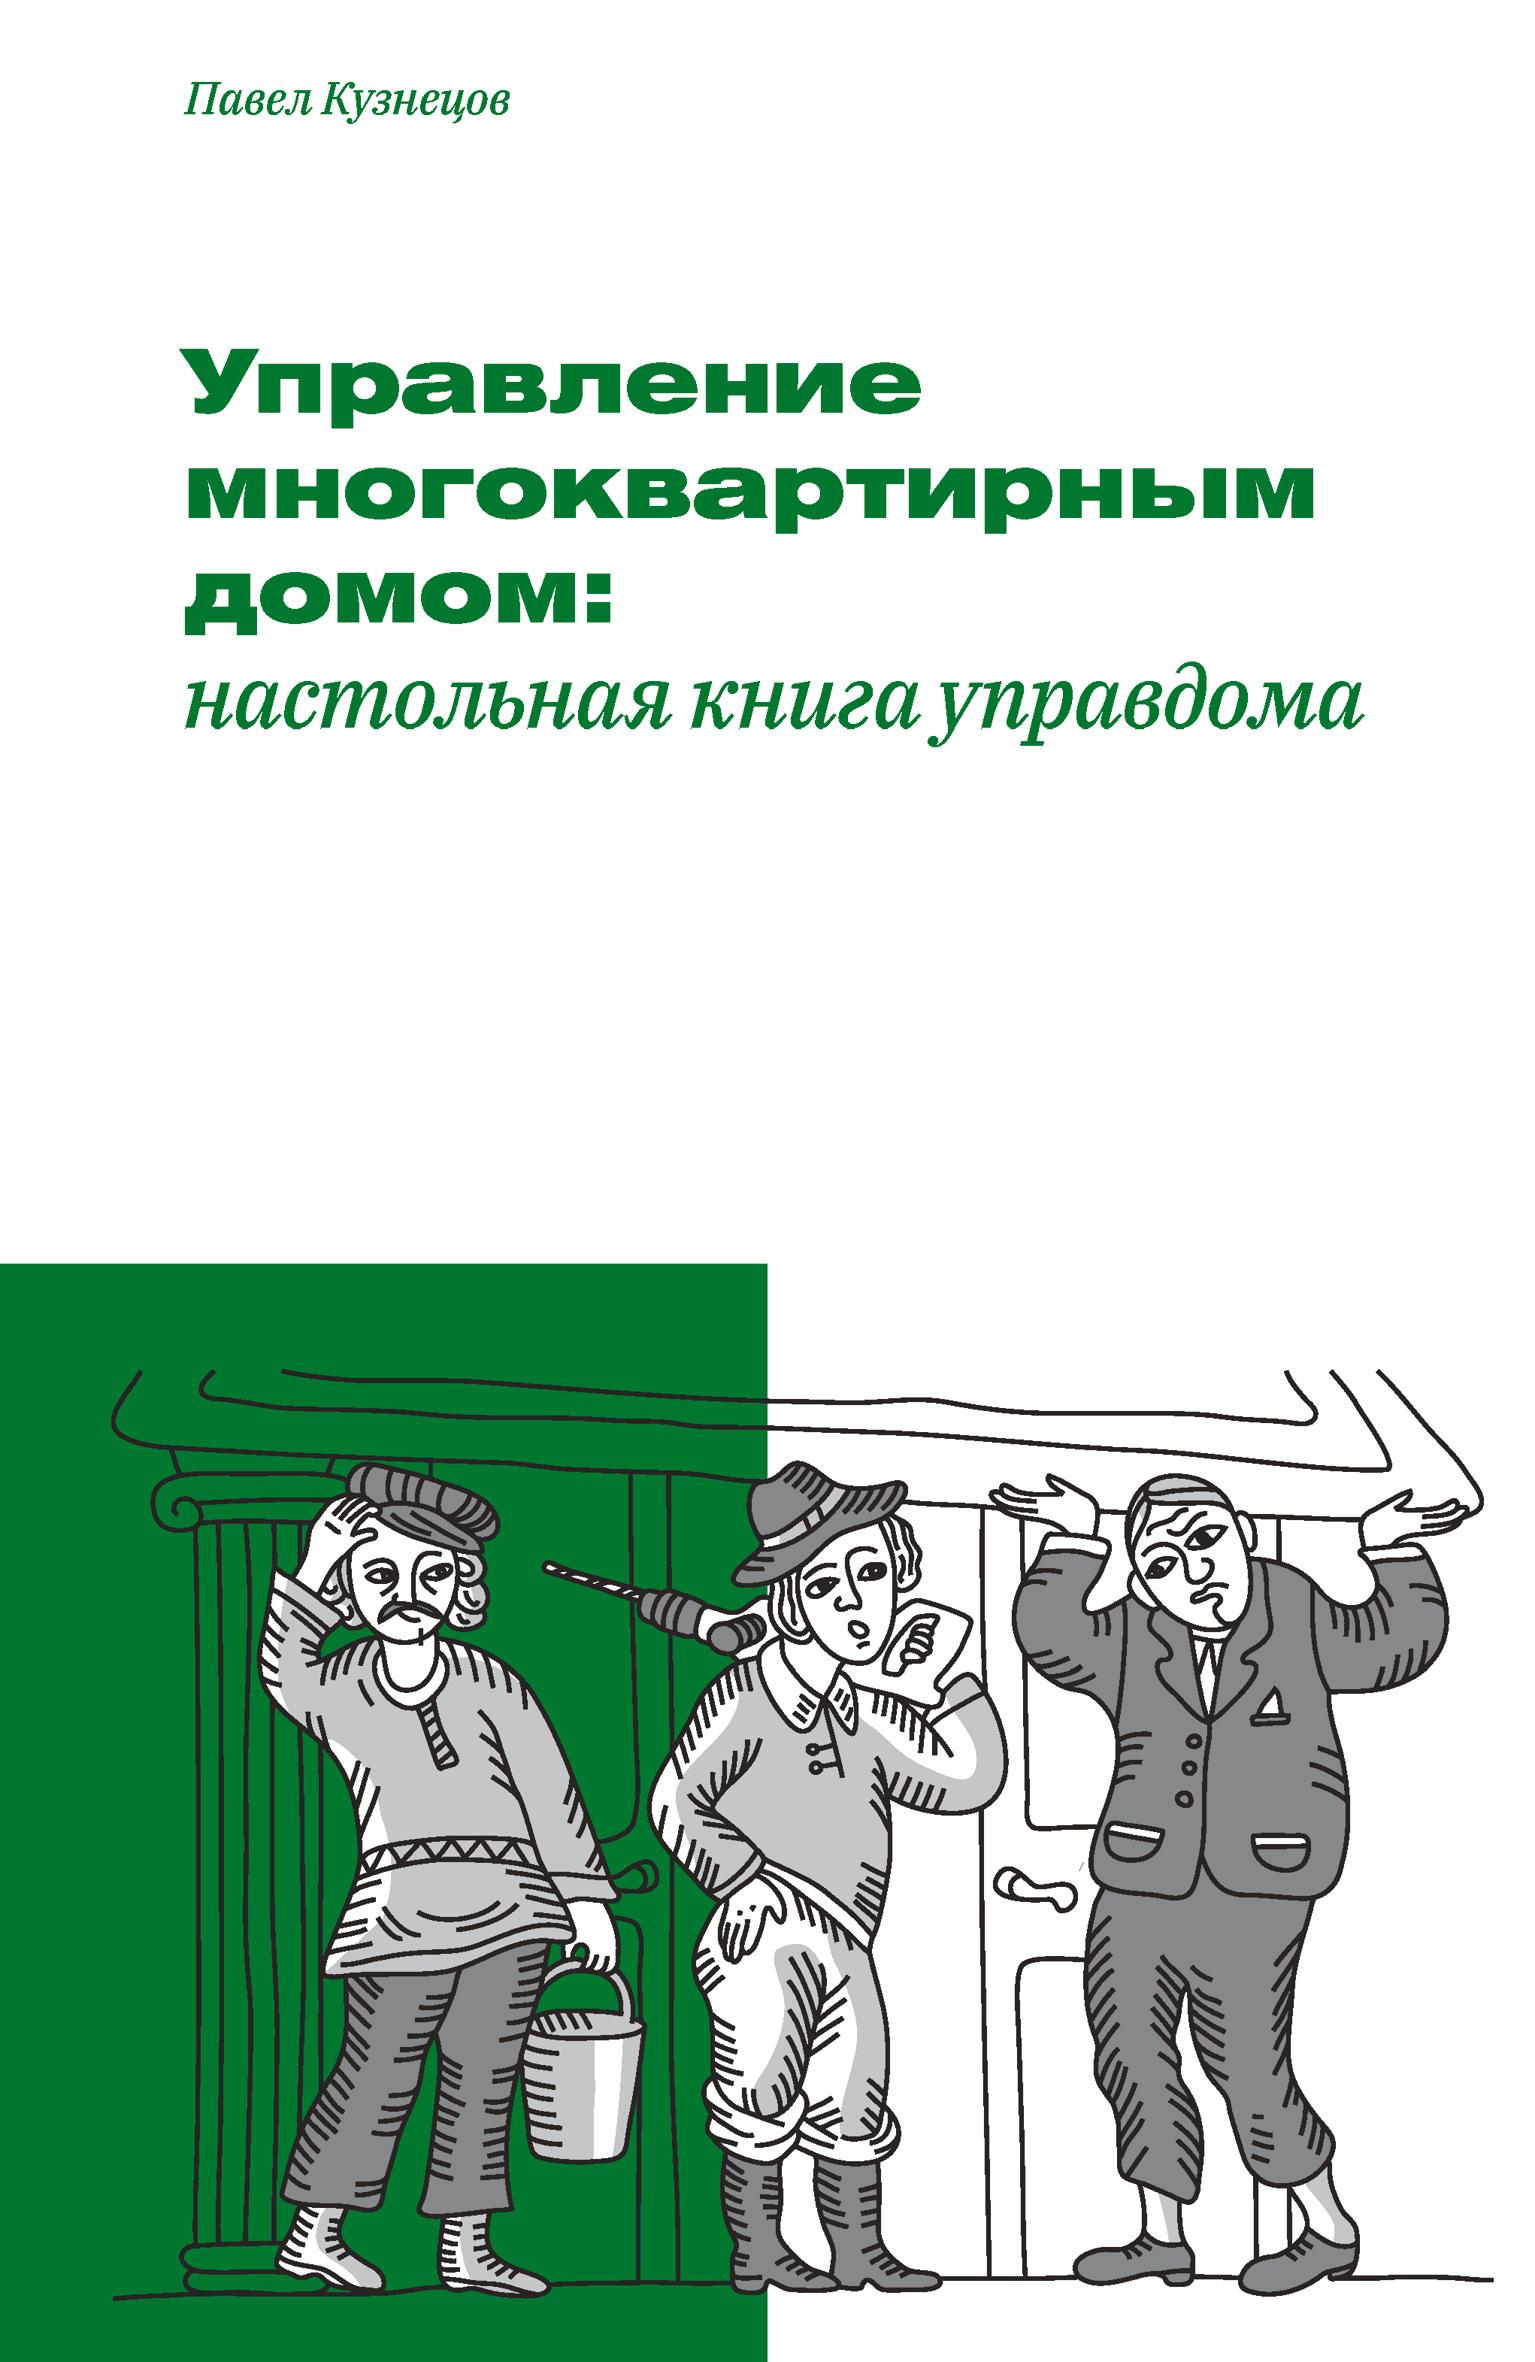 Купить книгу Управление многоквартирным домом: настольная книга управдома, автора Павла Кузнецова